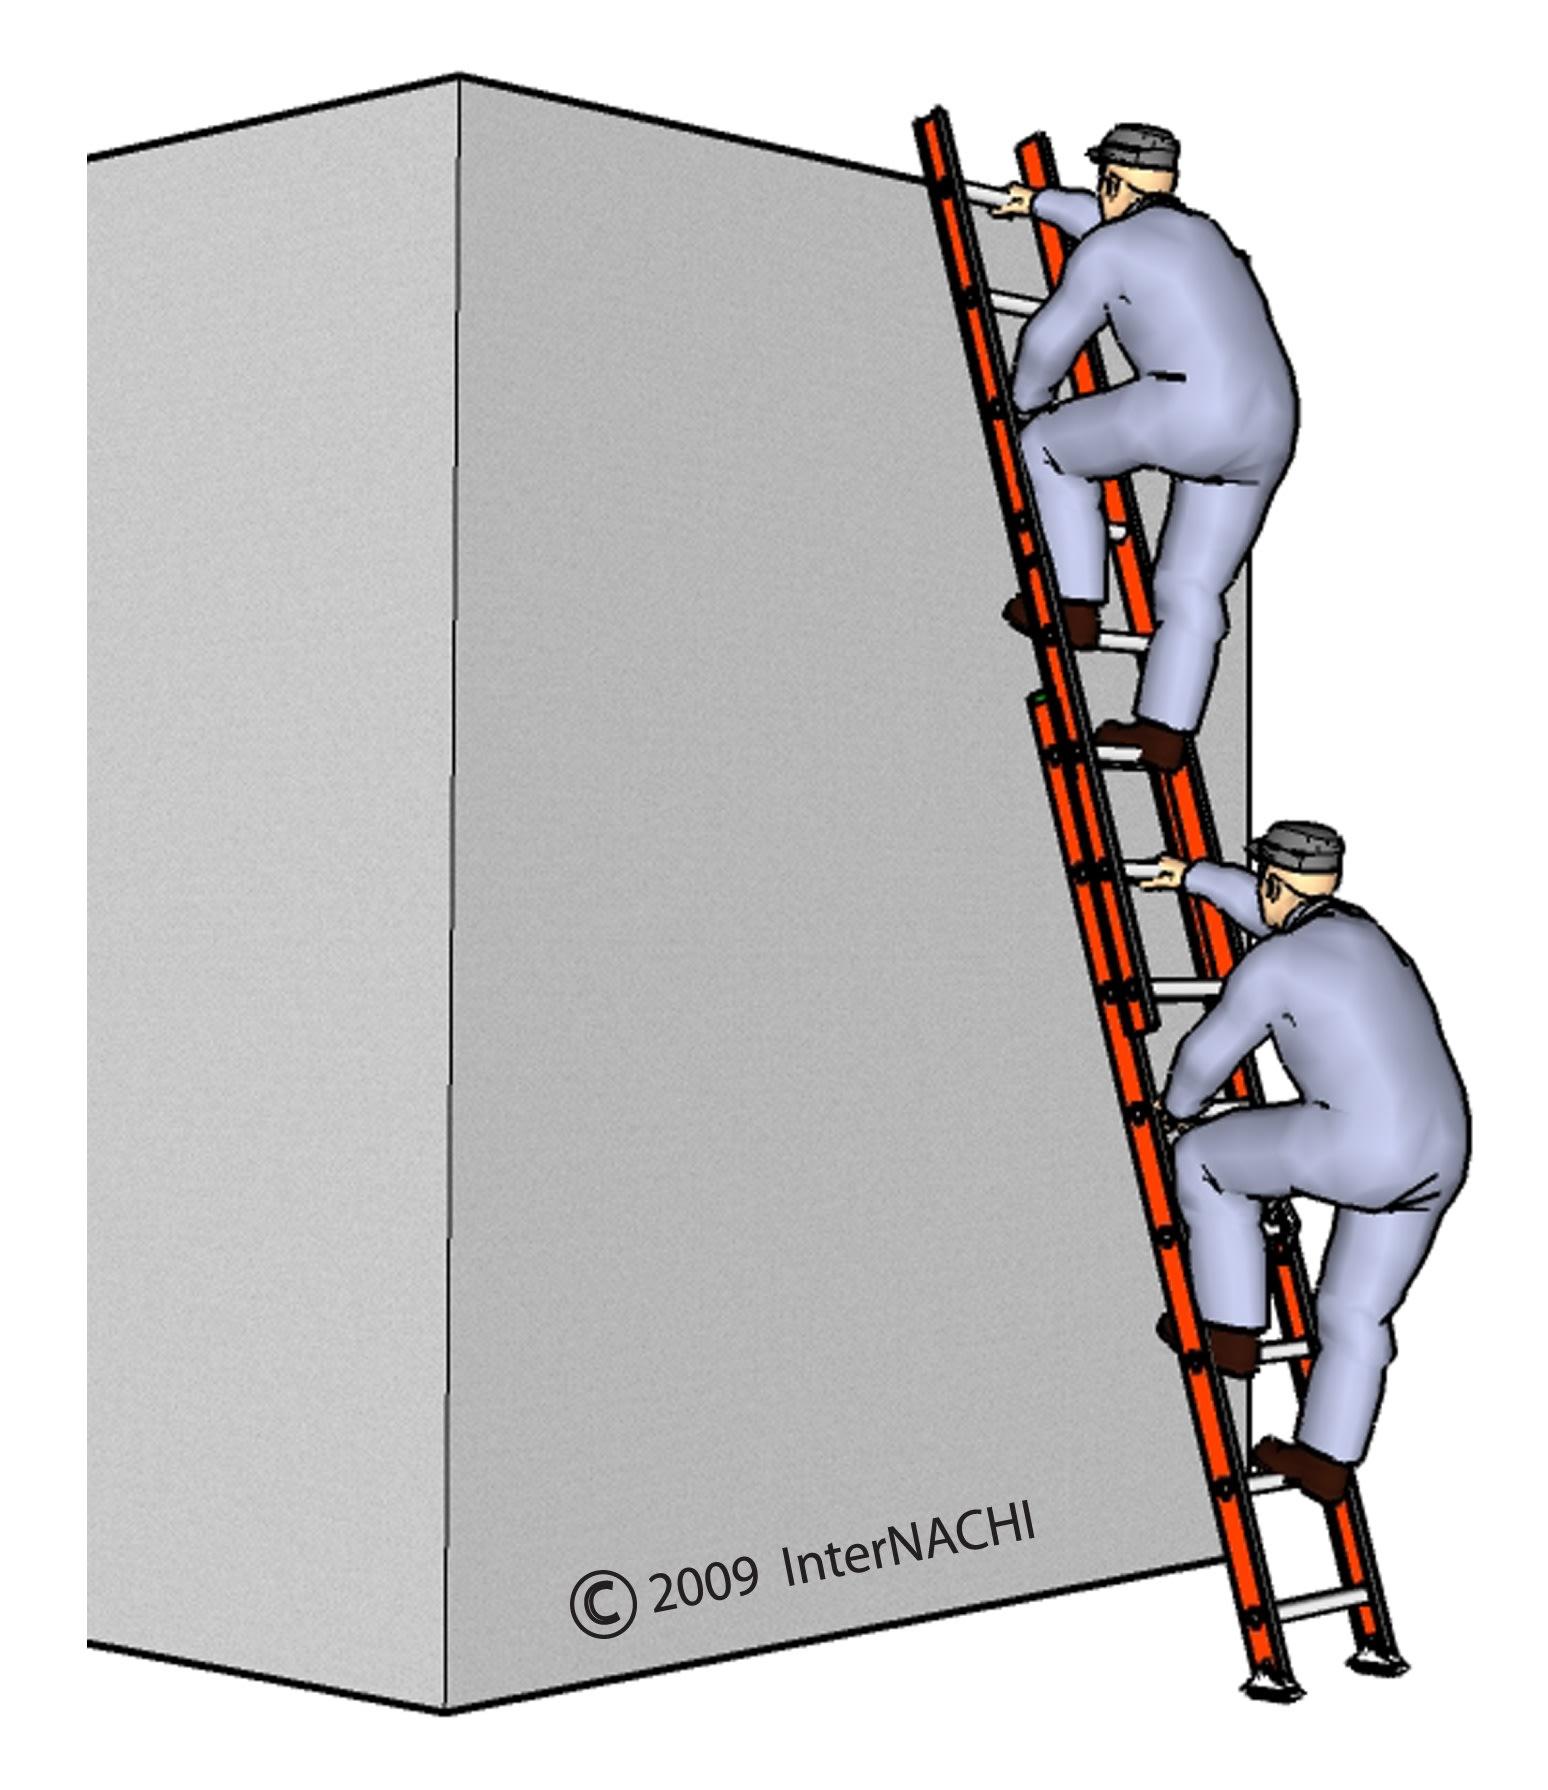 Two inspectors on a ladder (improper).